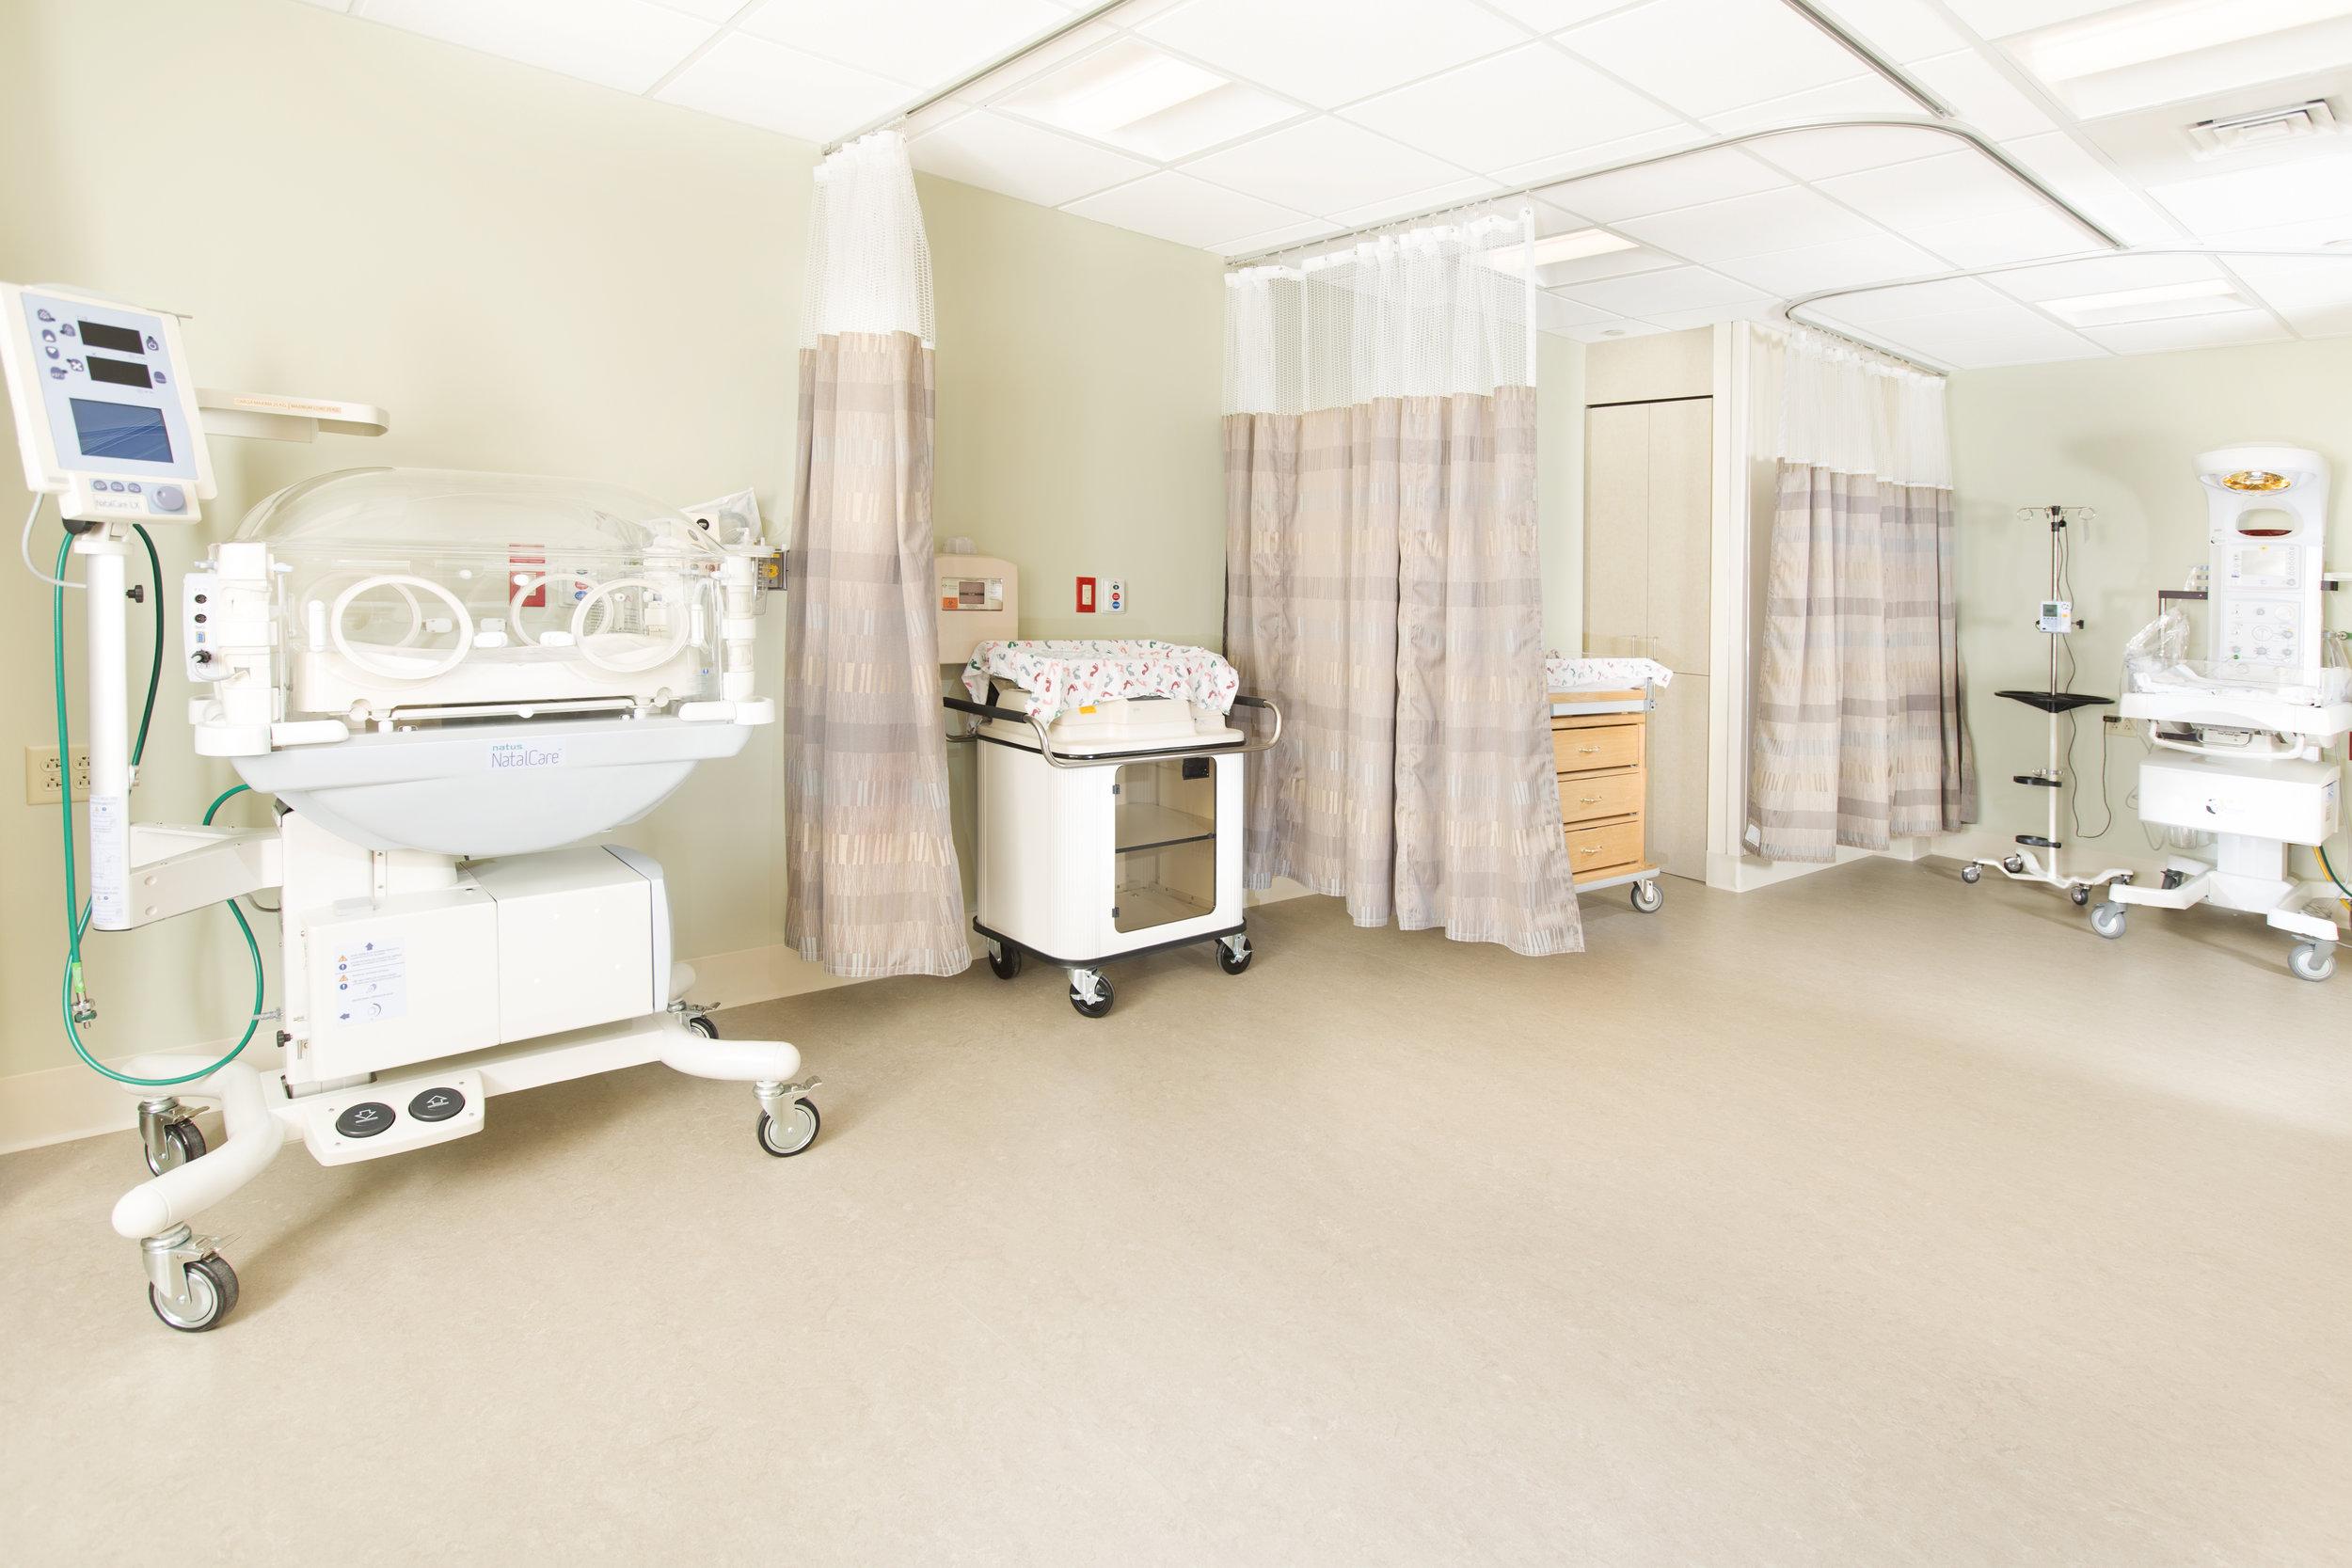 © ProArts Media - Summit Health NICU 4.jpg